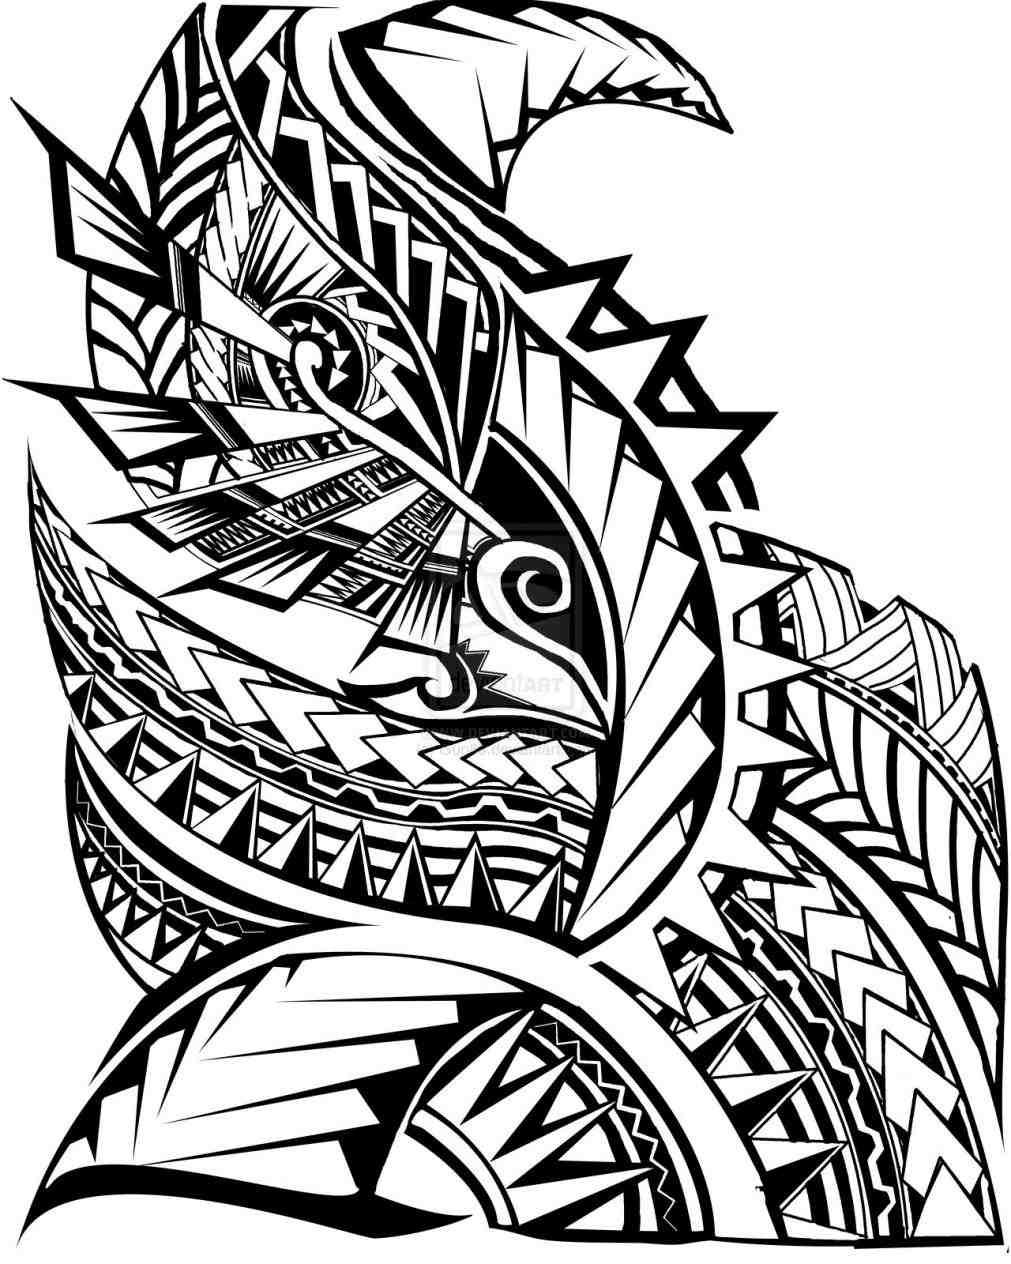 1011x1264 Maori U Polynesian Pin Hawaiian Tribal Drawings On Paper